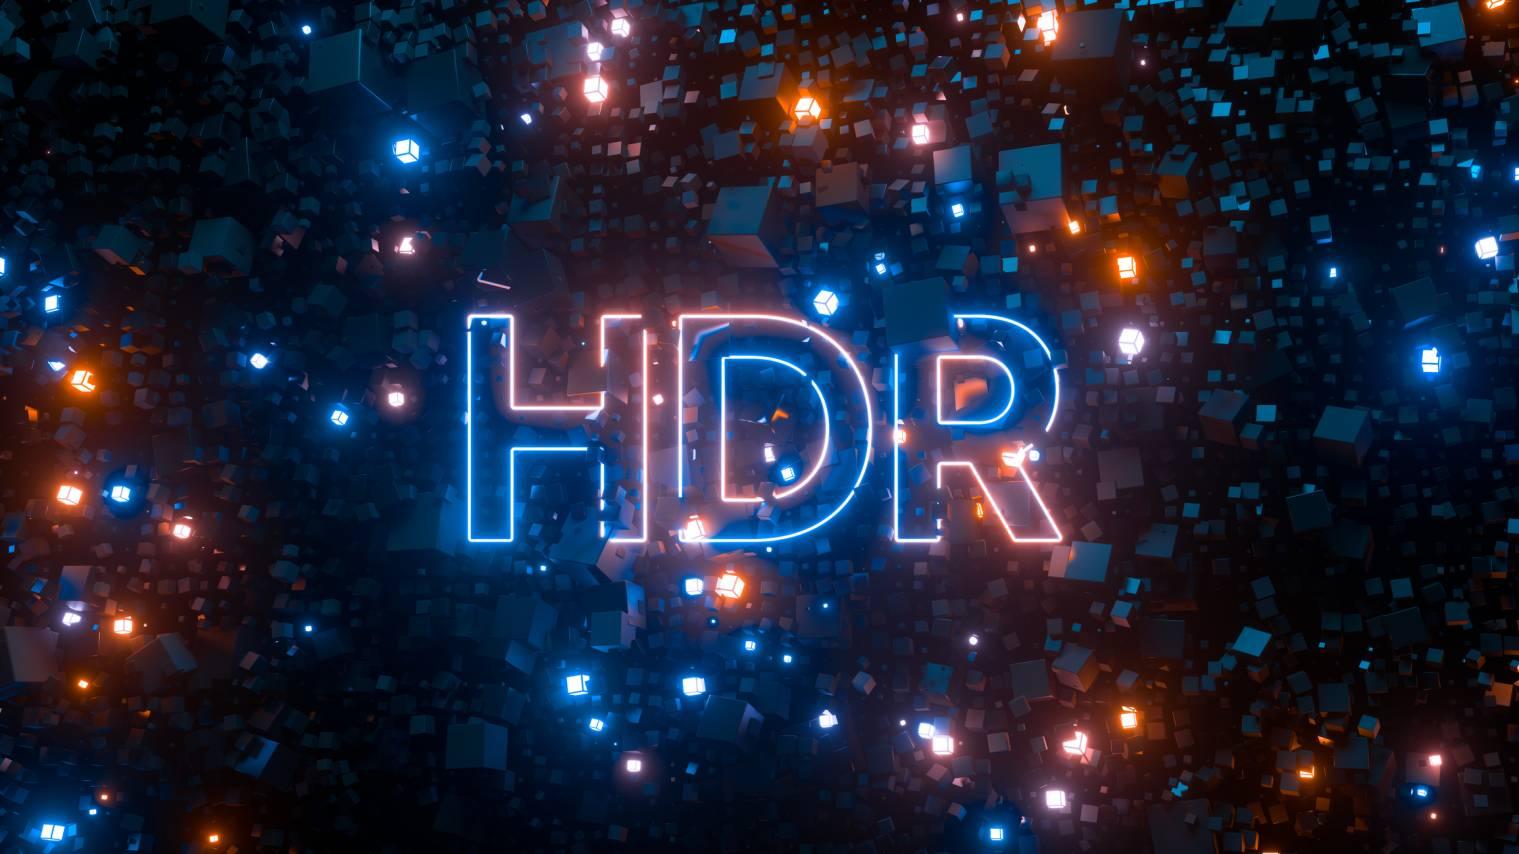 Technologie HDR : tout ce qu'il faut savoir sur les différents formats (HDR10, HDR10+, Dolby Vision, etc.)